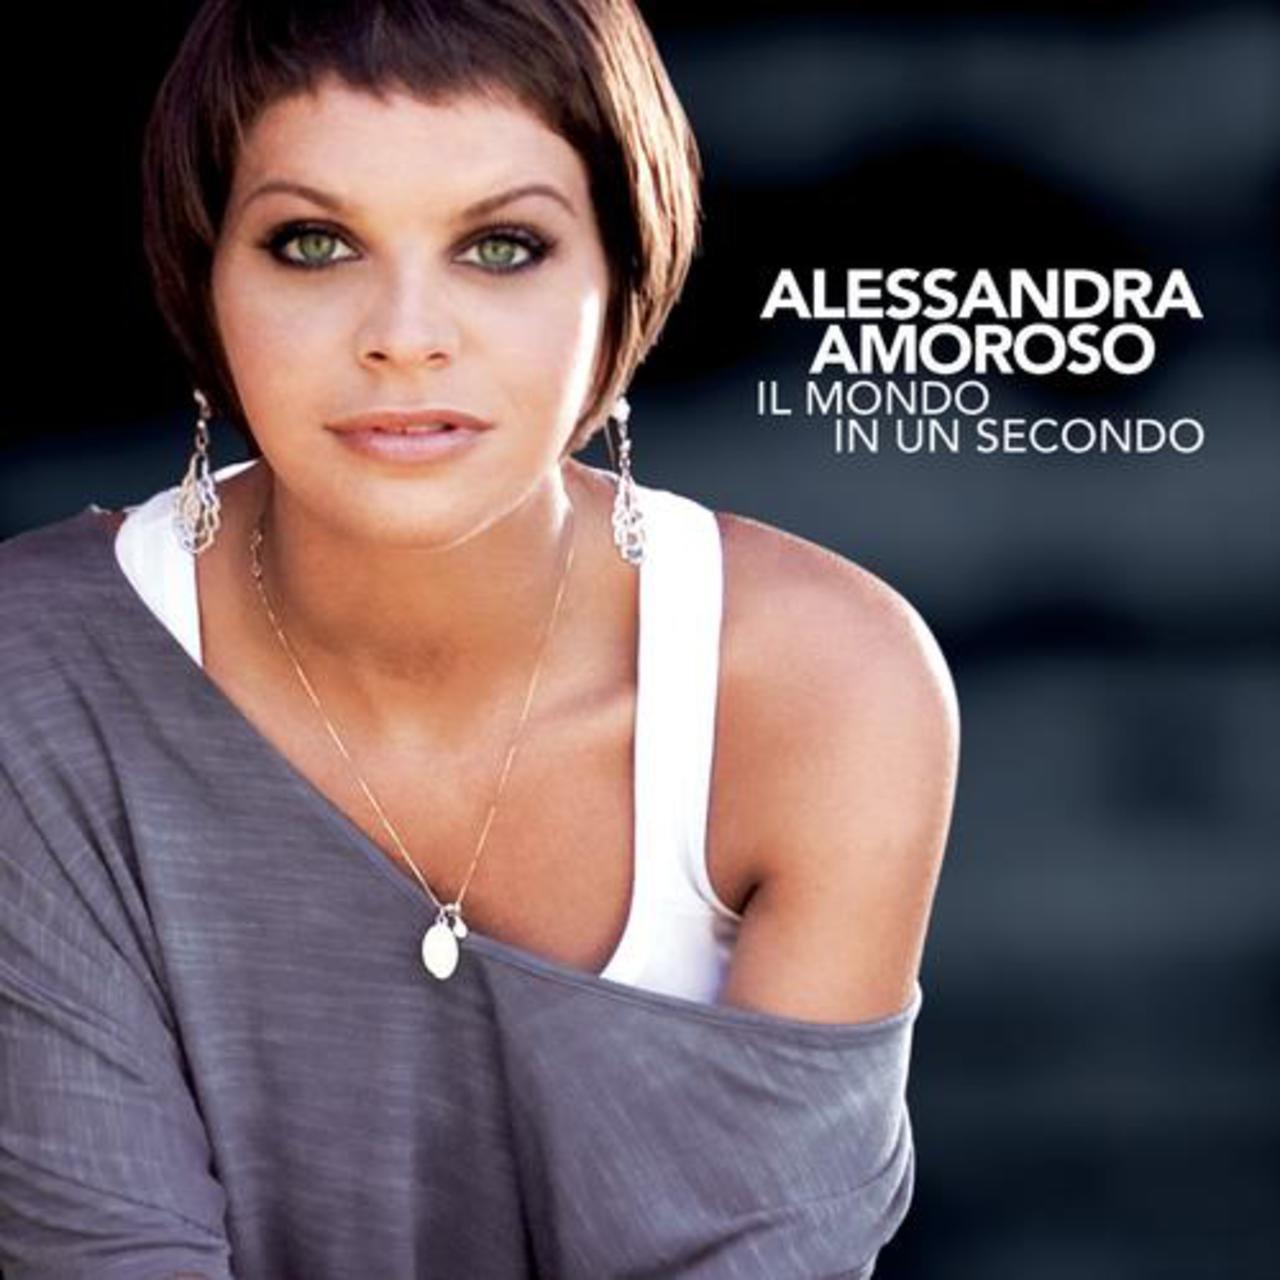 La Mia Storia con Te - Alessandra Amoroso: Testo (lyrics), traduzione e video